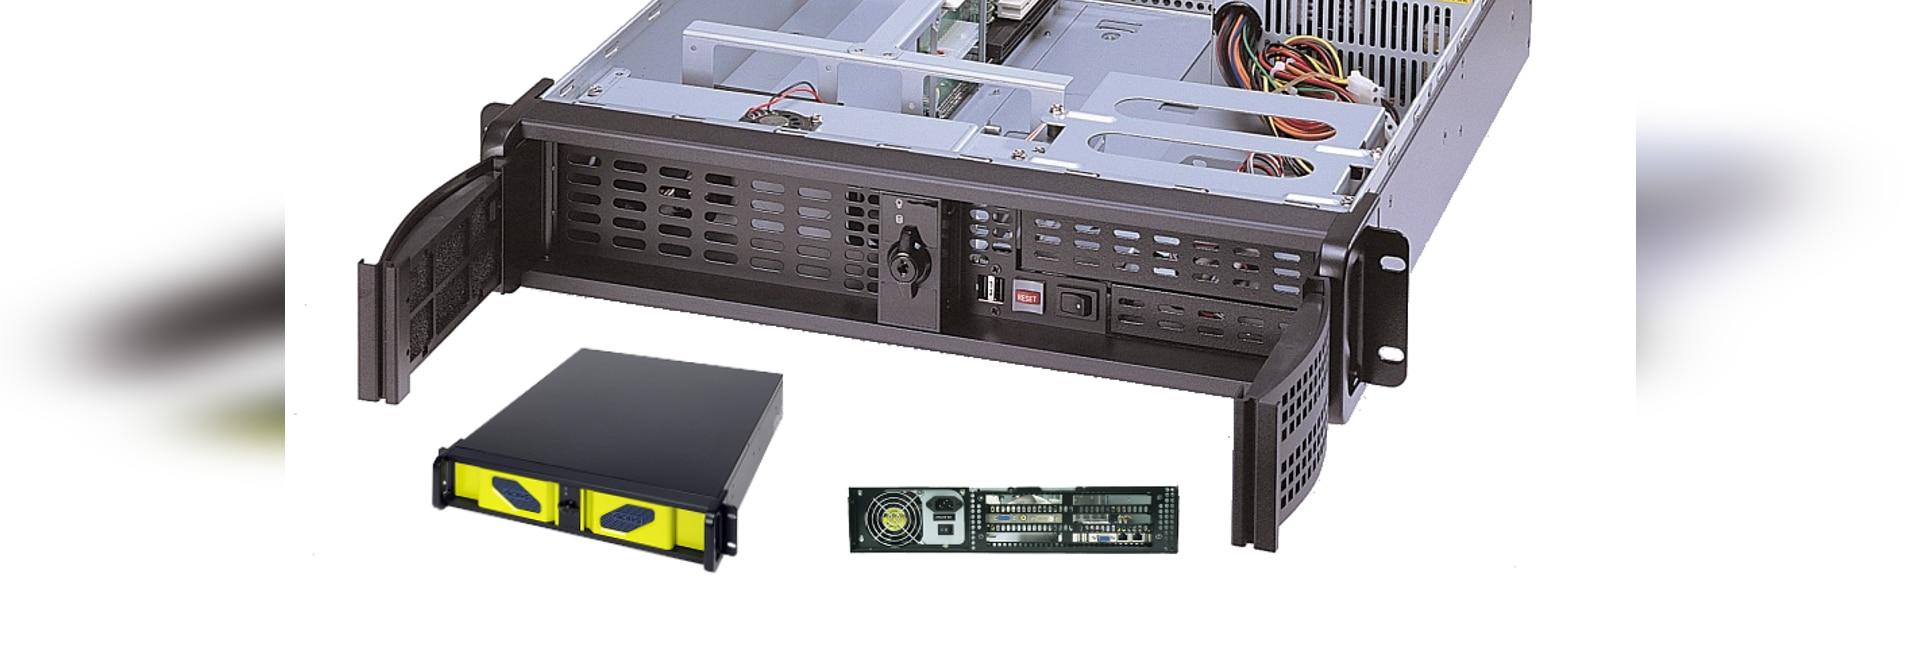 """Rackmount Fahrgestelle AICSYS Inc. 2U für SBC mit (1) 5,25"""" u. (2) 3,5"""" Antriebs-Buchten, 4 PCI-Schlitz. PICMG 1,0 oder 1,3 SHB-Rückwand stützt Stromversorgung der Größe PS/2"""